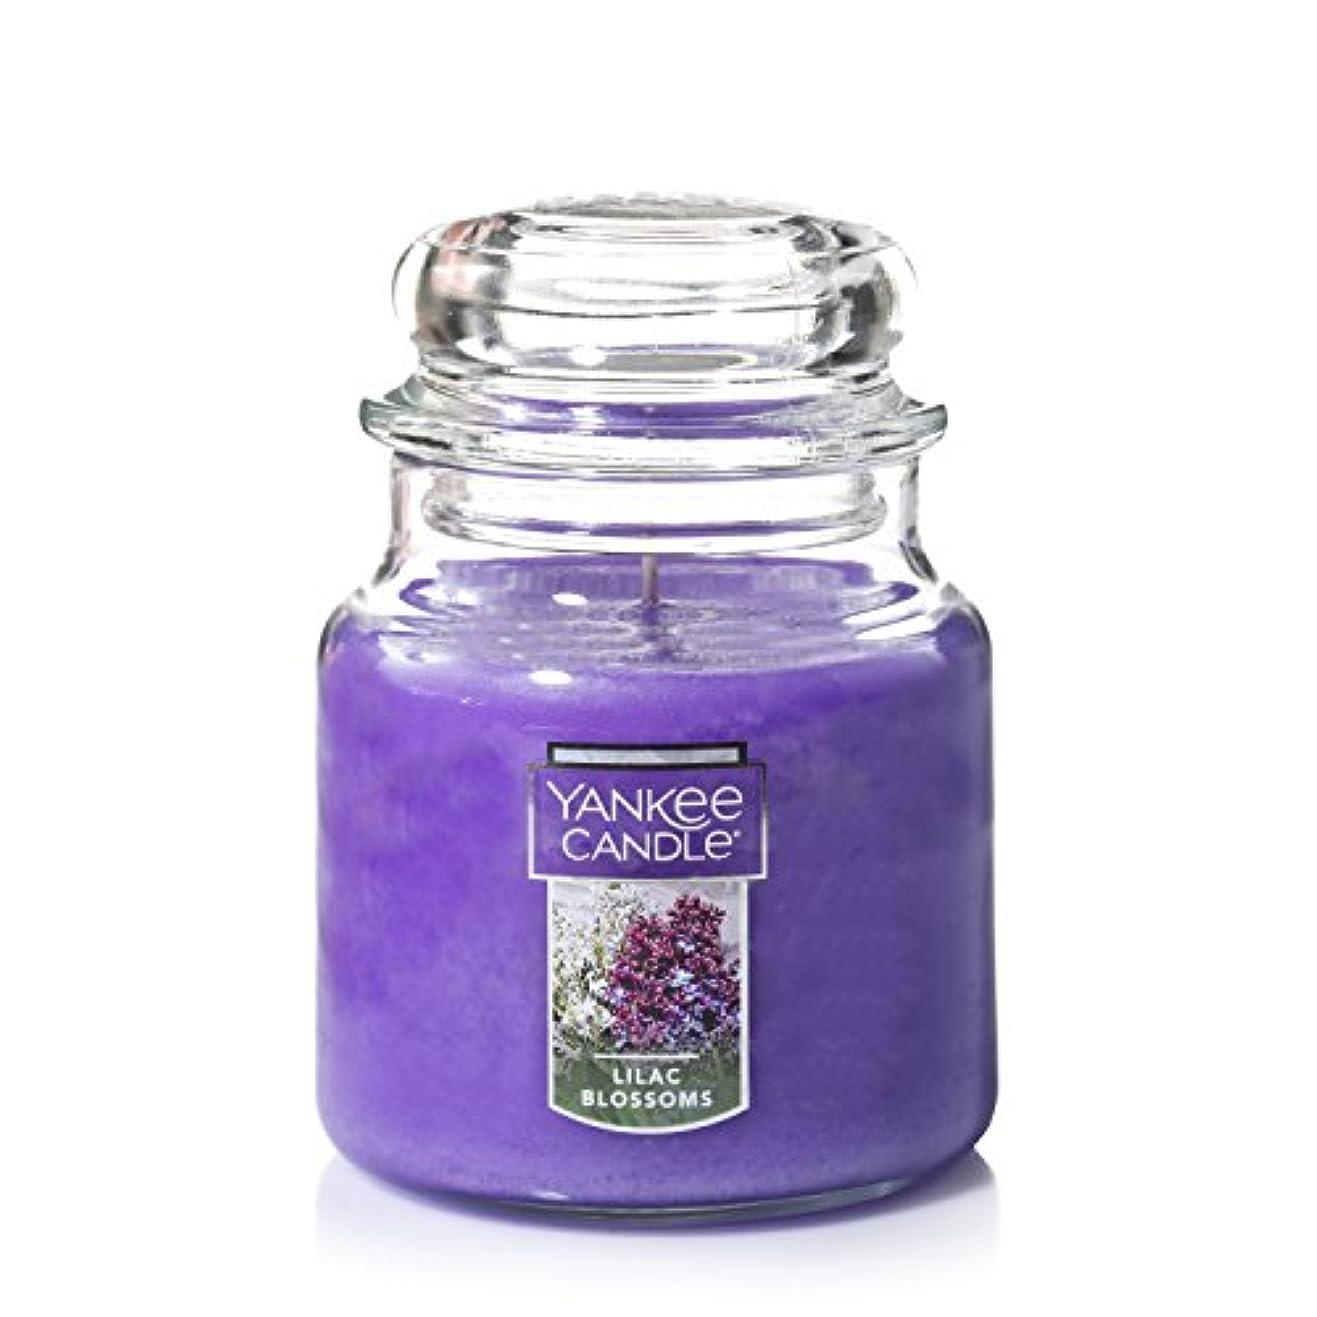 後退する個人的な第五Yankee CandleライラックBlossoms Medium Jar 14.5oz Candle One パープル 1006996